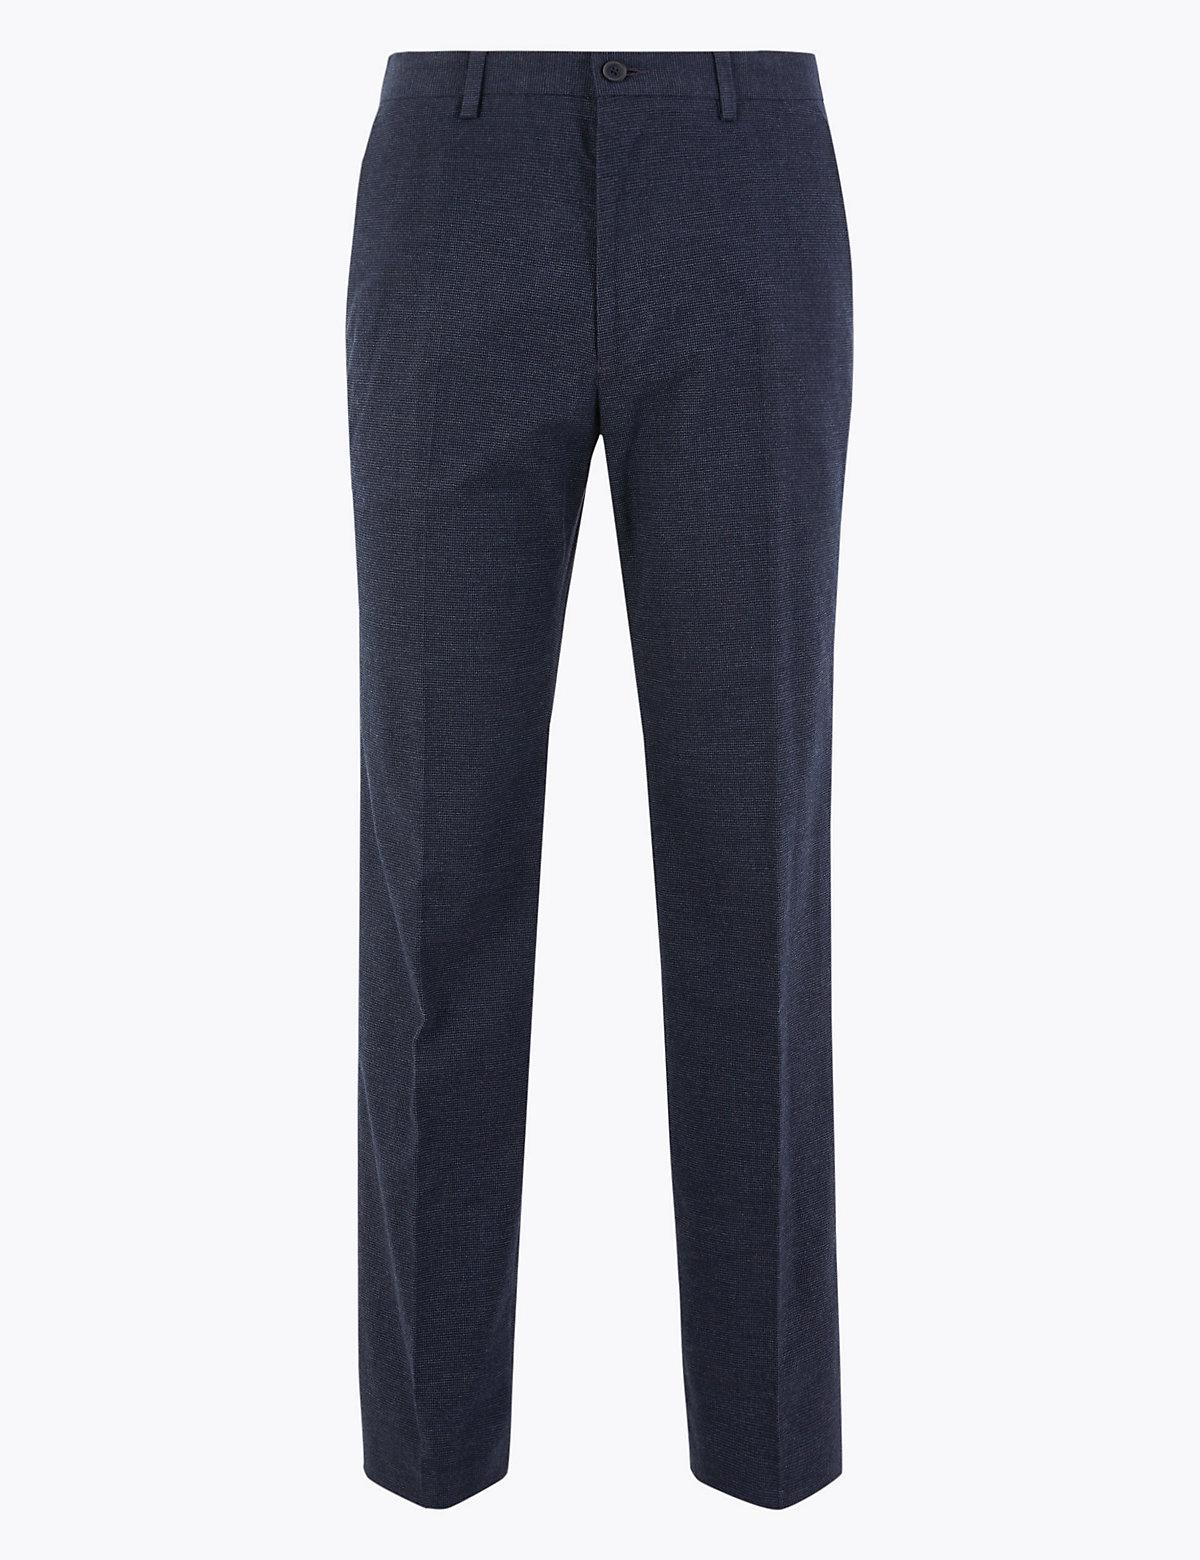 Классические мужские брюки в мелкую клетку M&S Collection. Цвет: индиго